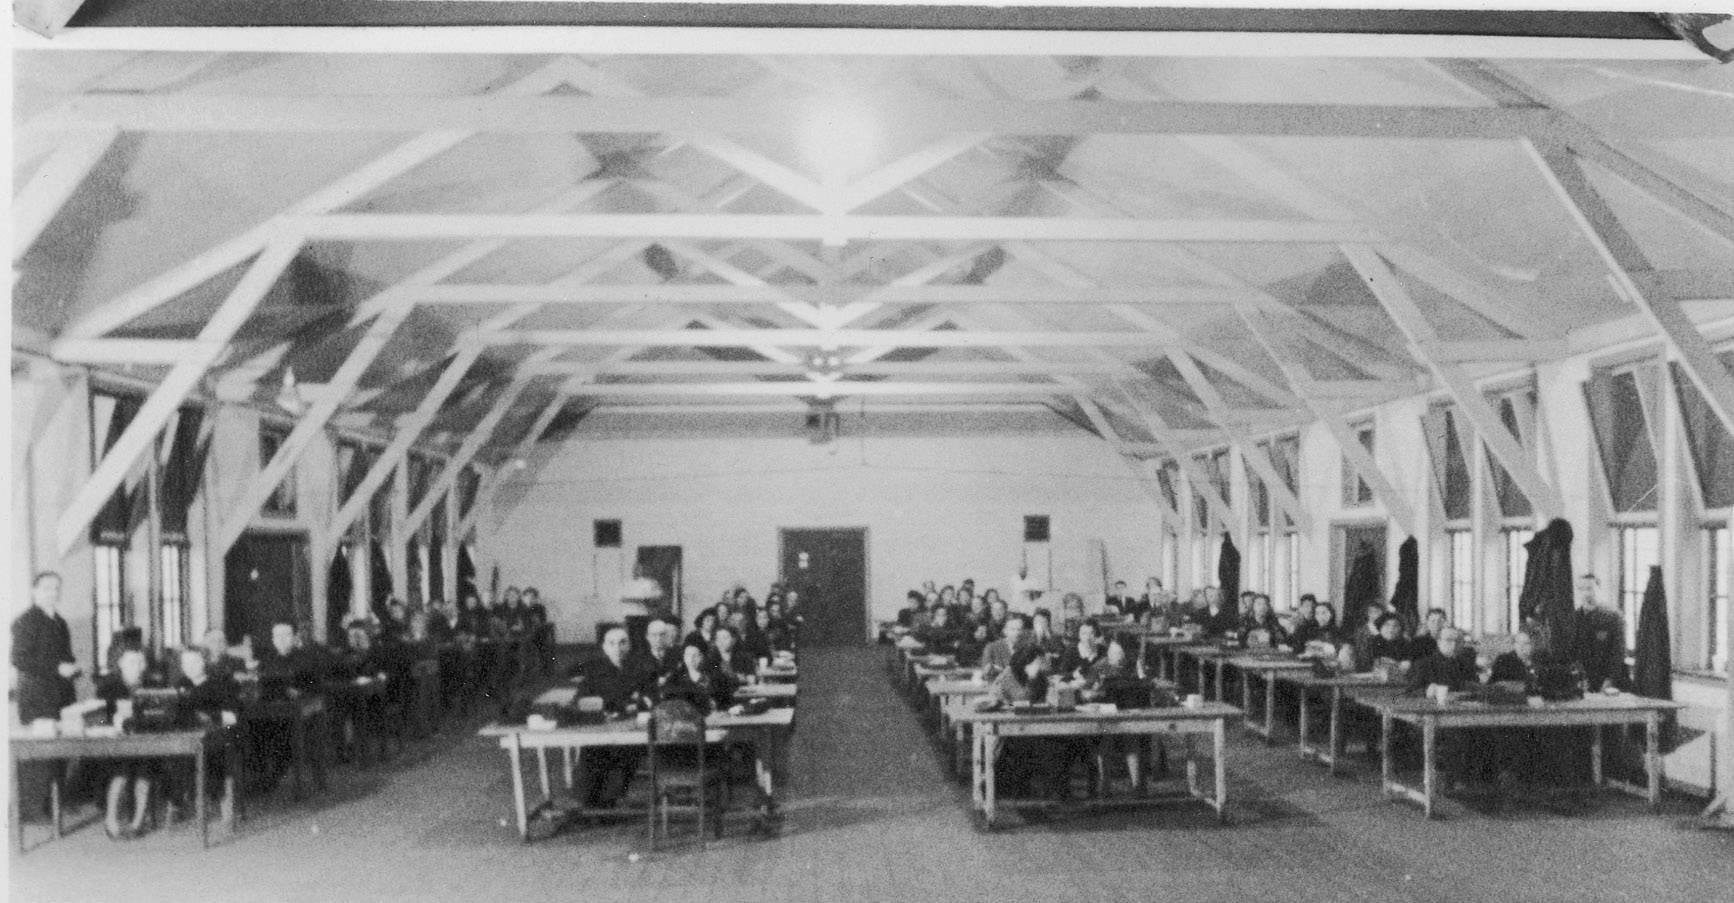 De registratie in kamp Westerbork, 1943